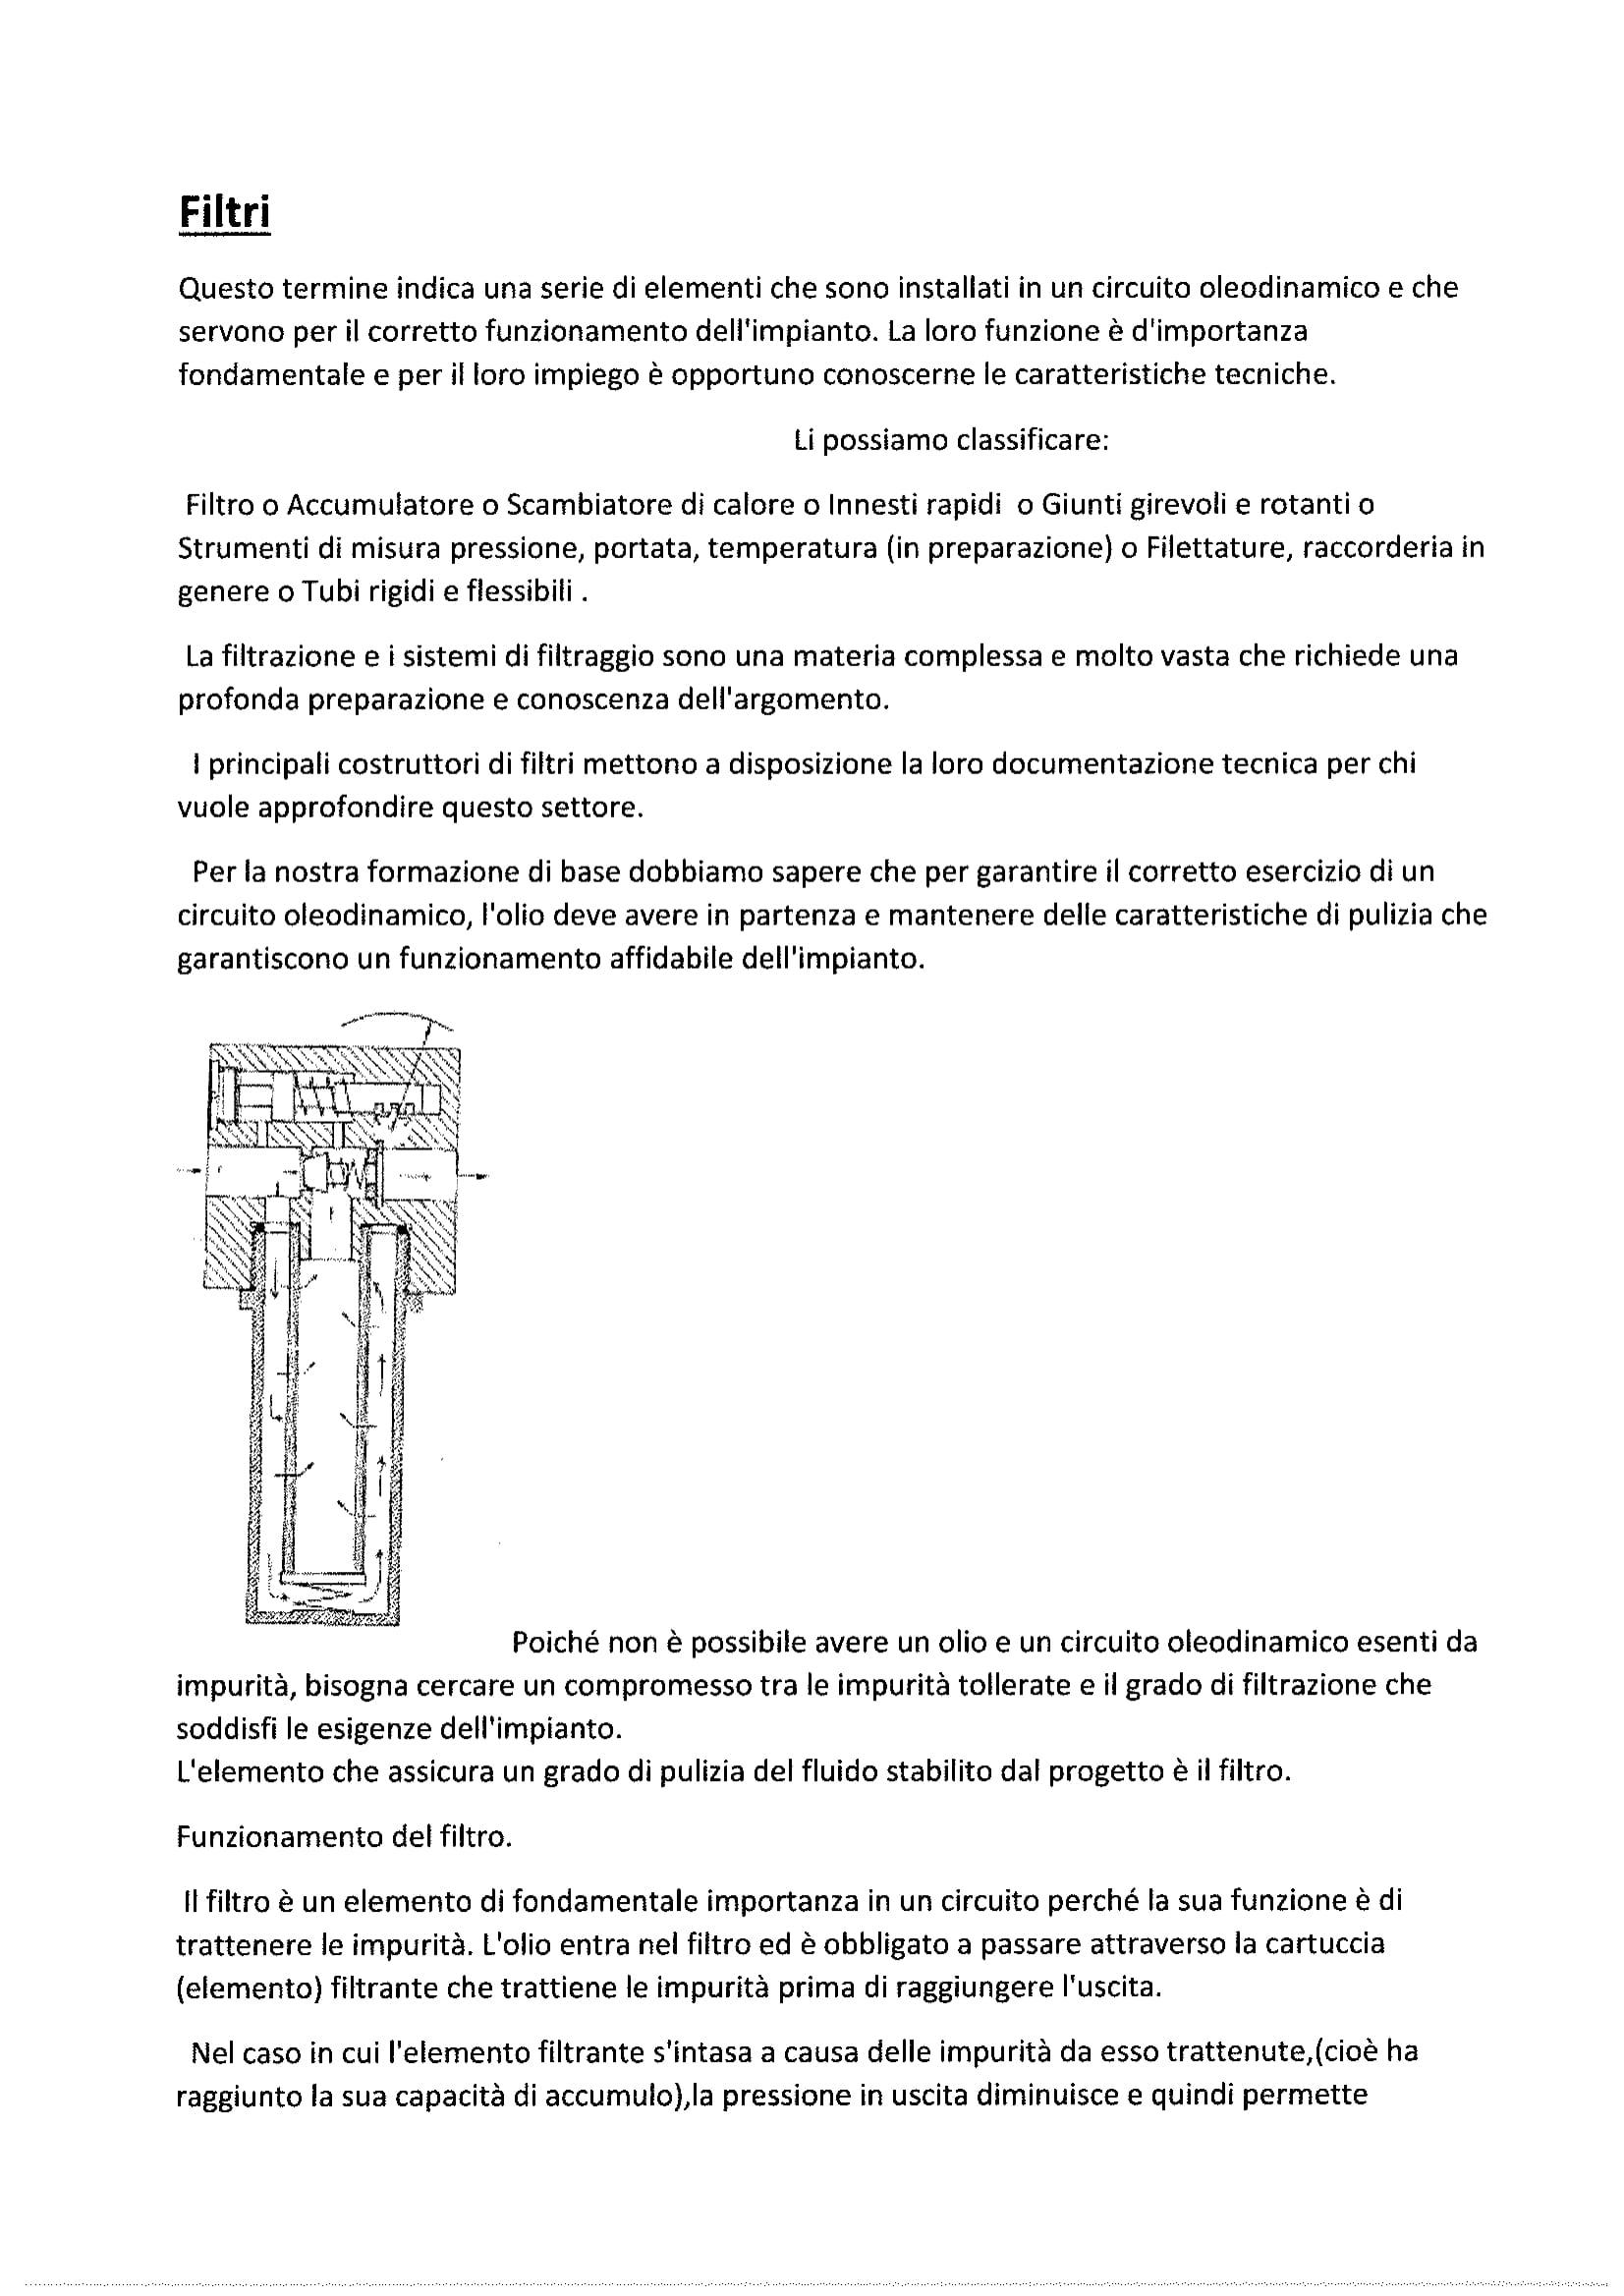 Corso di base sull'oleodinamica navale-26